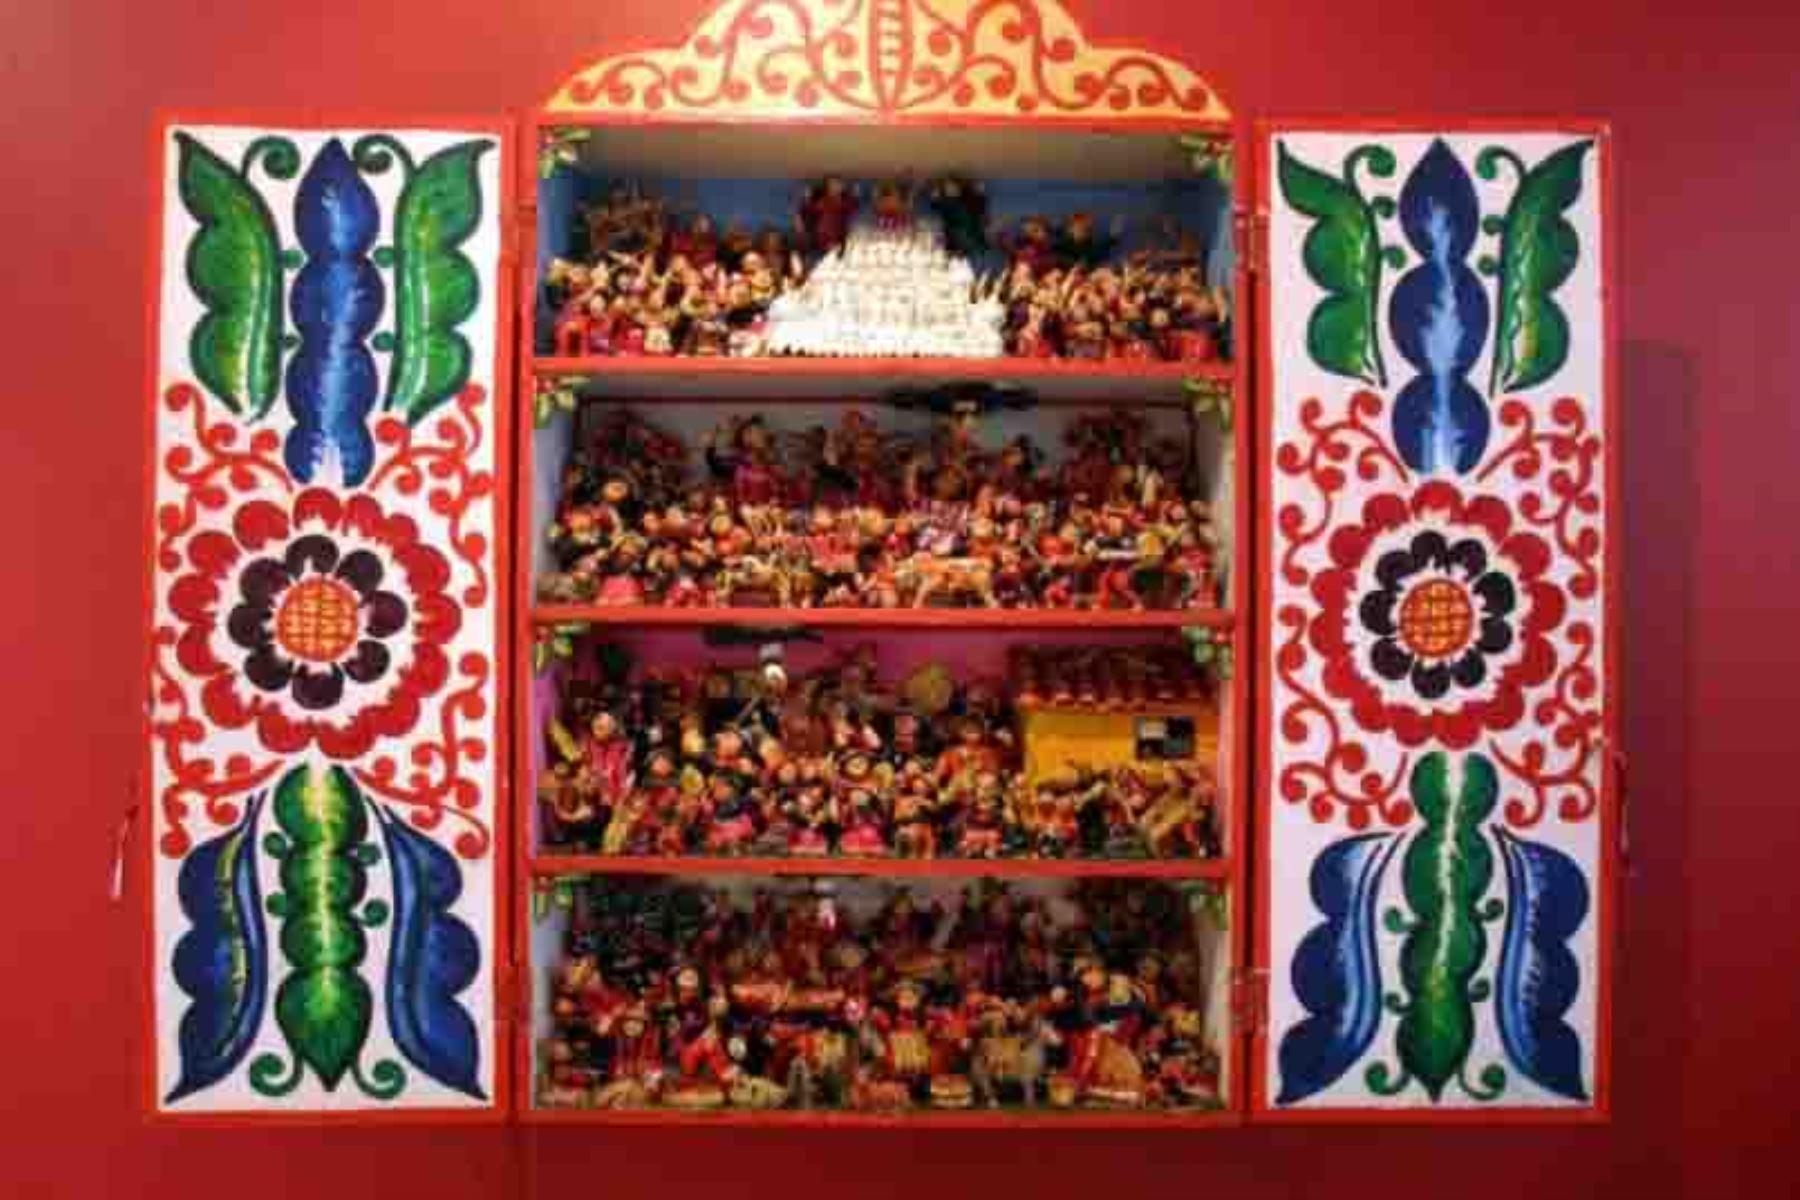 El Ministerio de Cultura declaró Patrimonio Cultural de la Nación a los conocimientos, las técnicas y la iconografía asociadas a la producción del retablo ayacuchano. Foto: ANDINA/Difusión